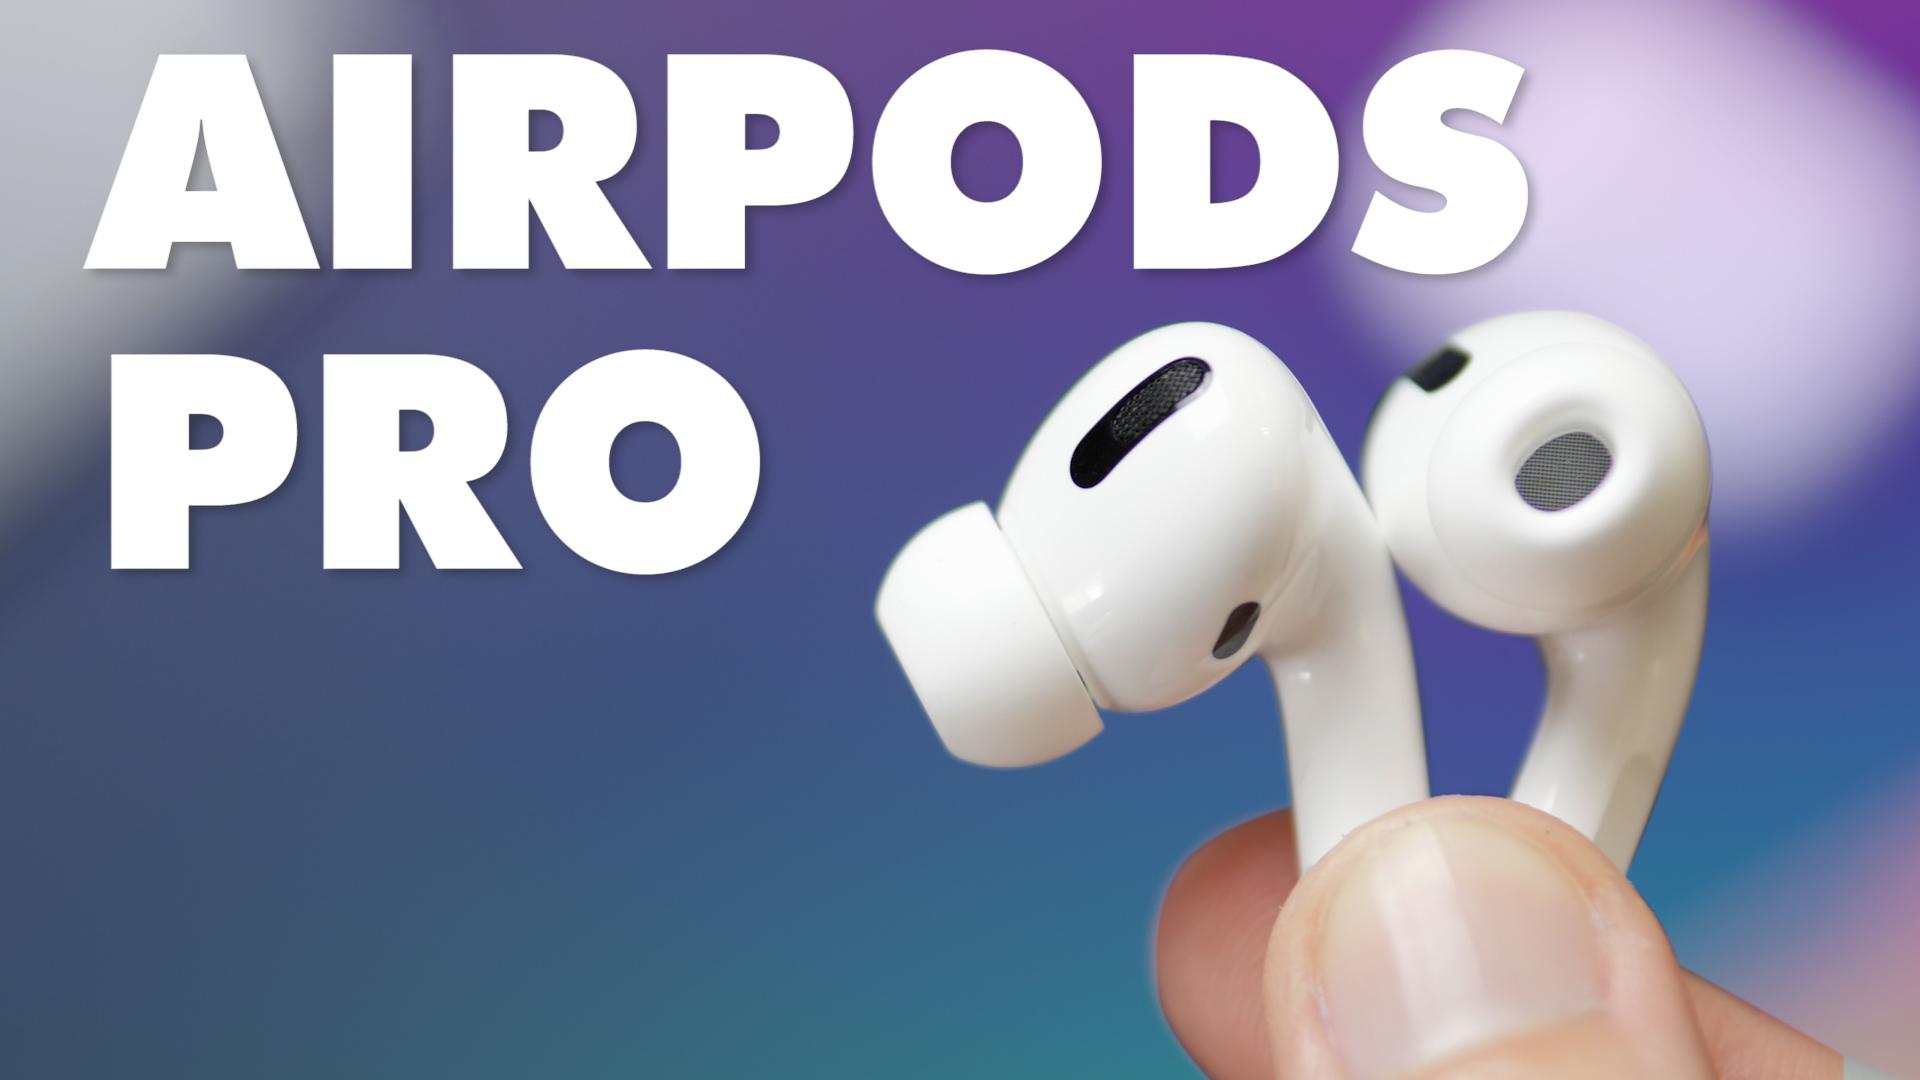 Apple AirPods Pro : pourquoi sont-ils si chers ?